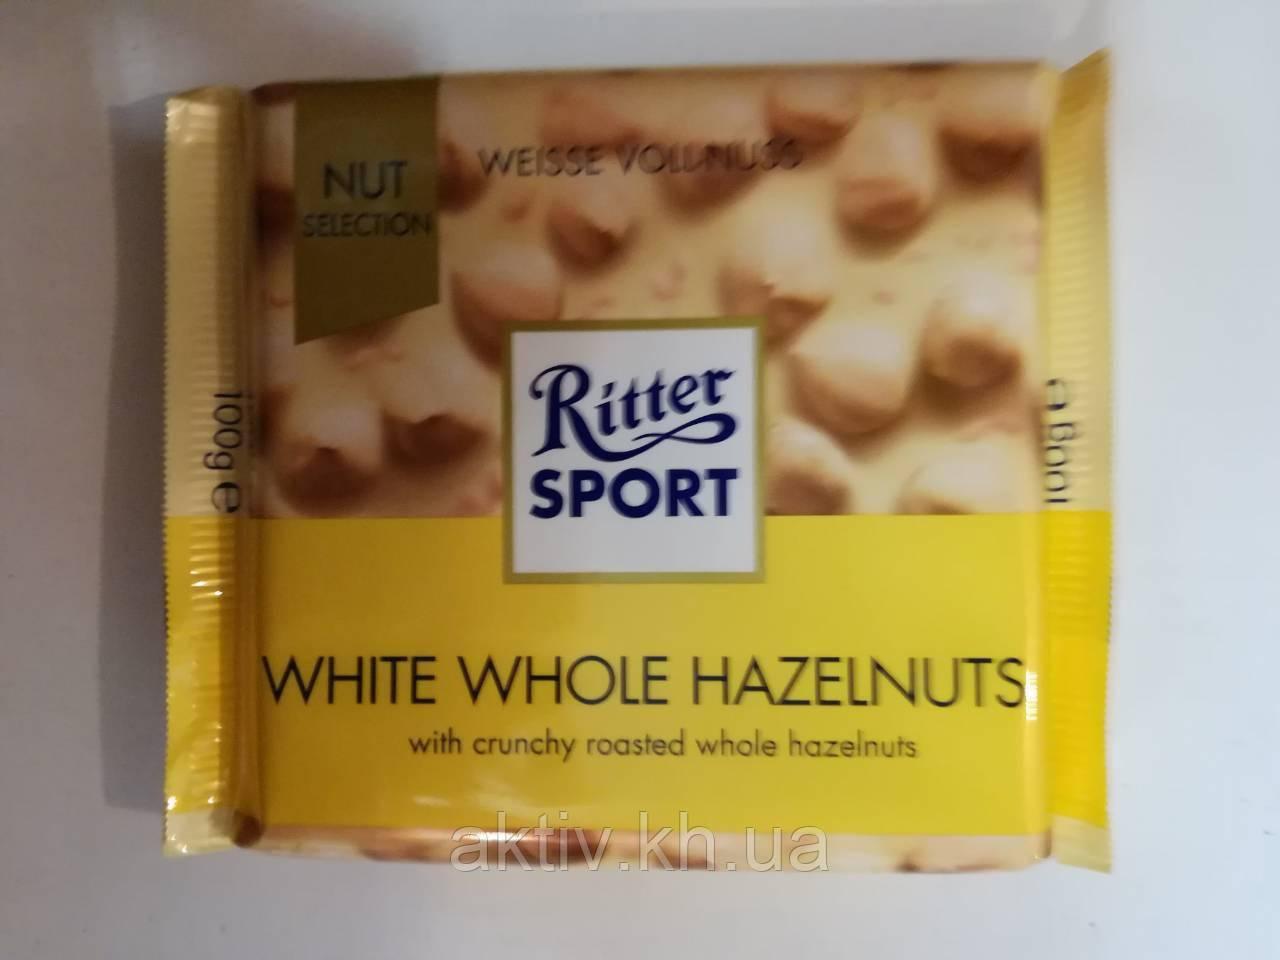 Ritter Sport white whole hazelnuts 100 гр